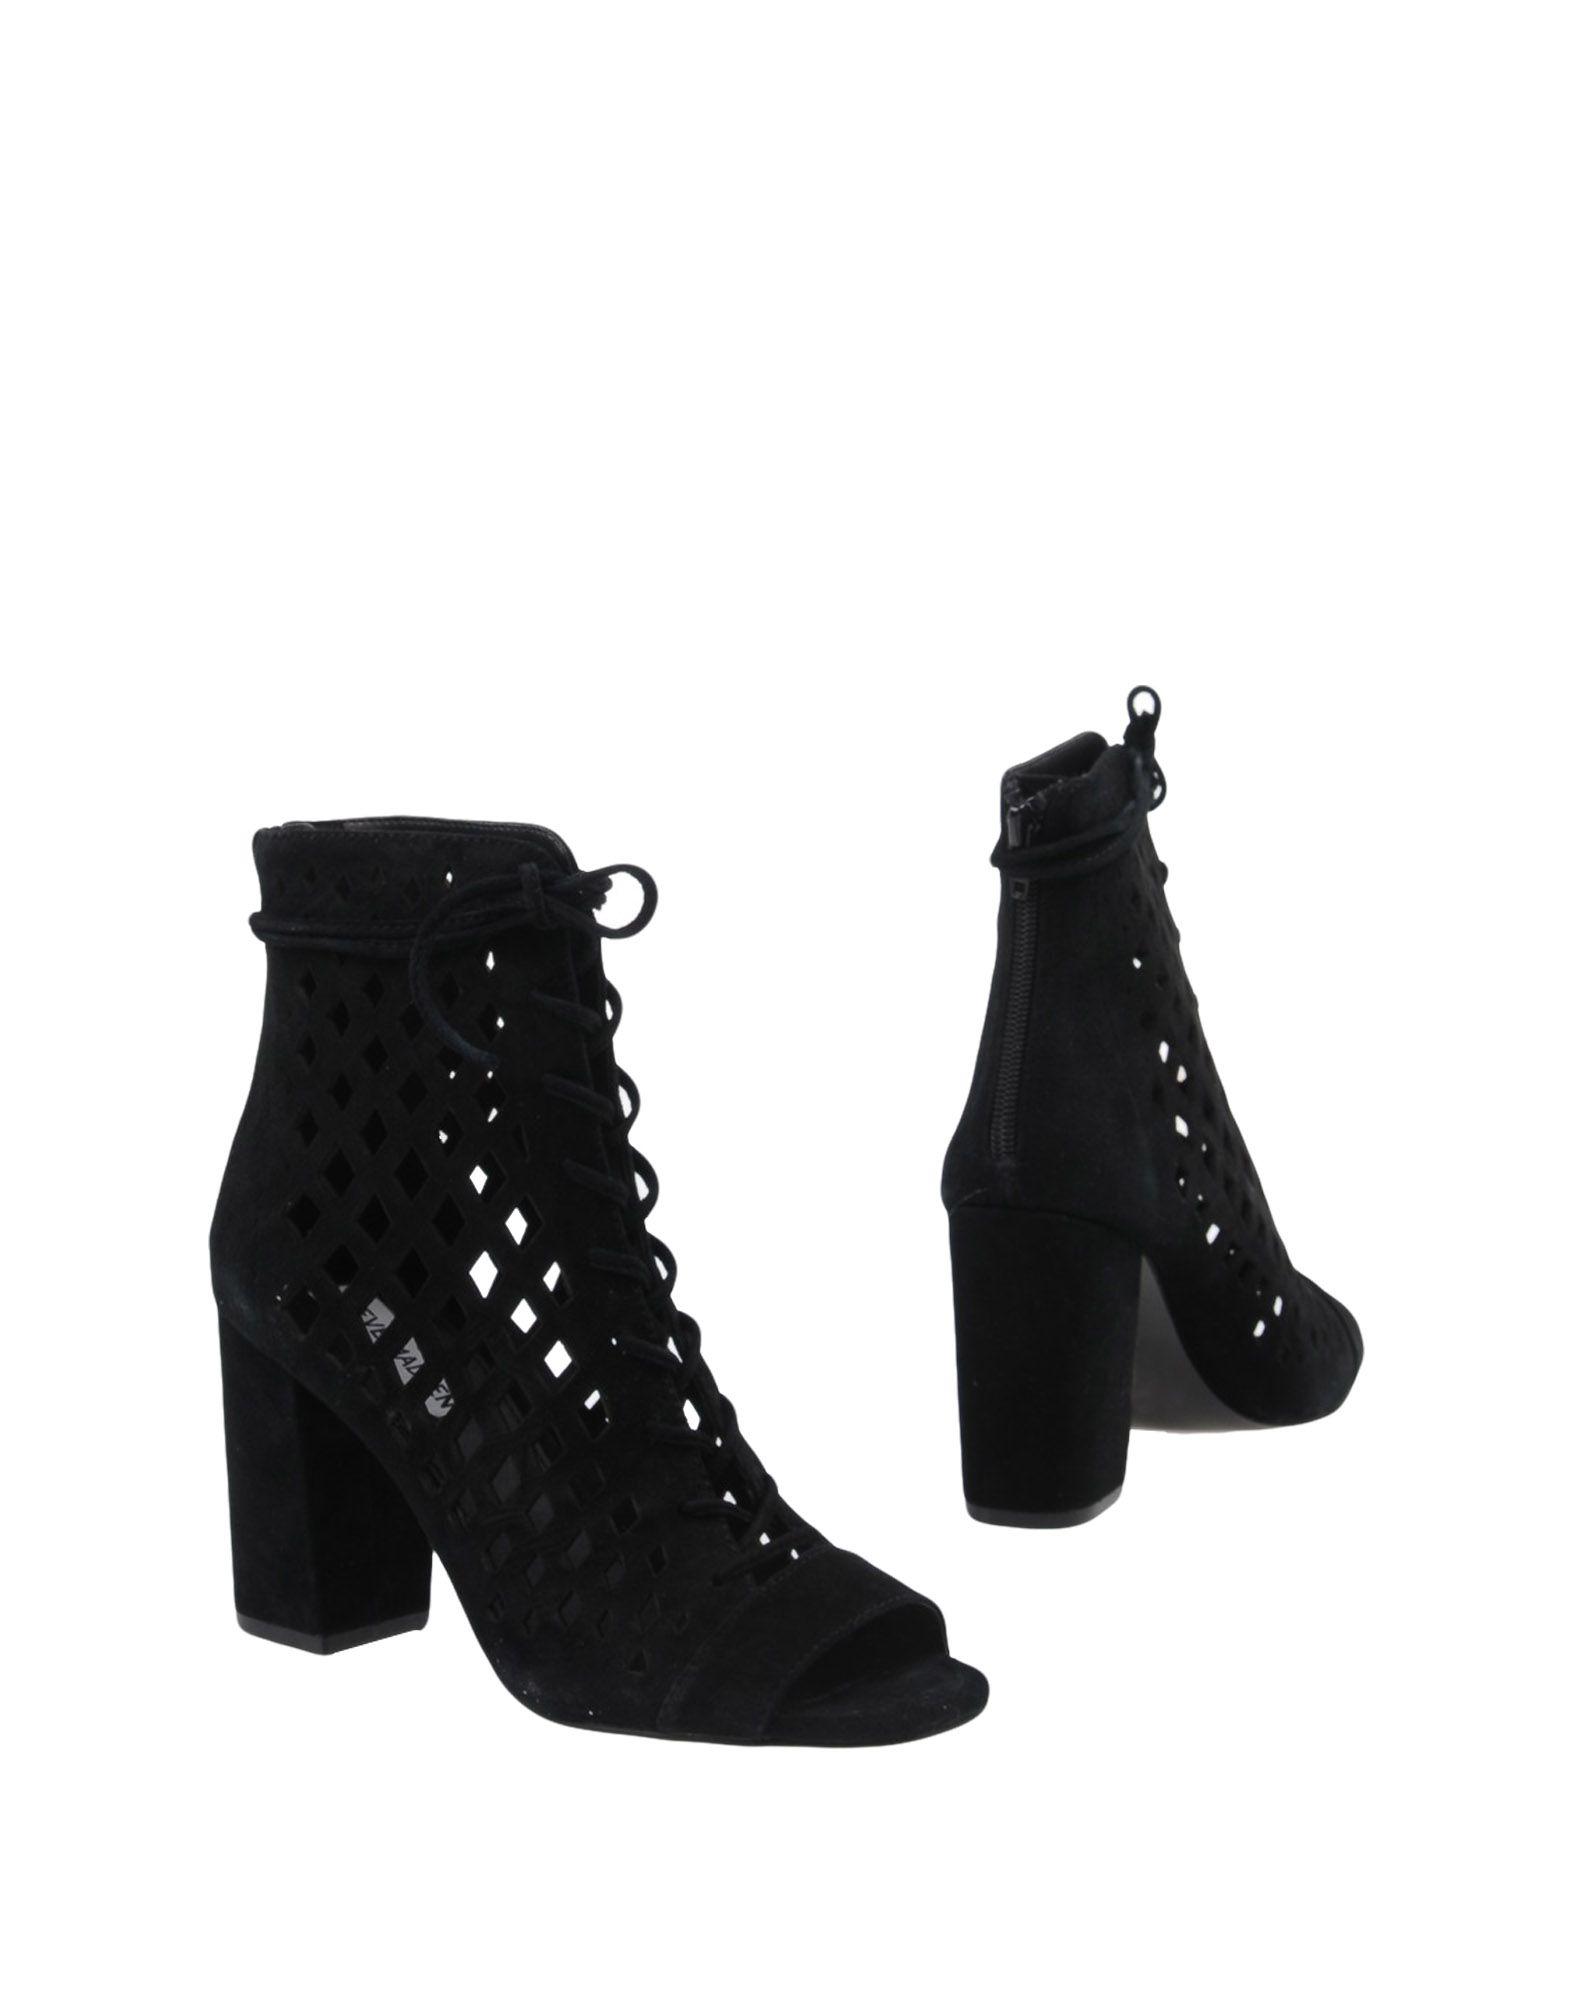 Steve Madden Stiefelette Damen  11356126NC Gute Qualität beliebte Schuhe